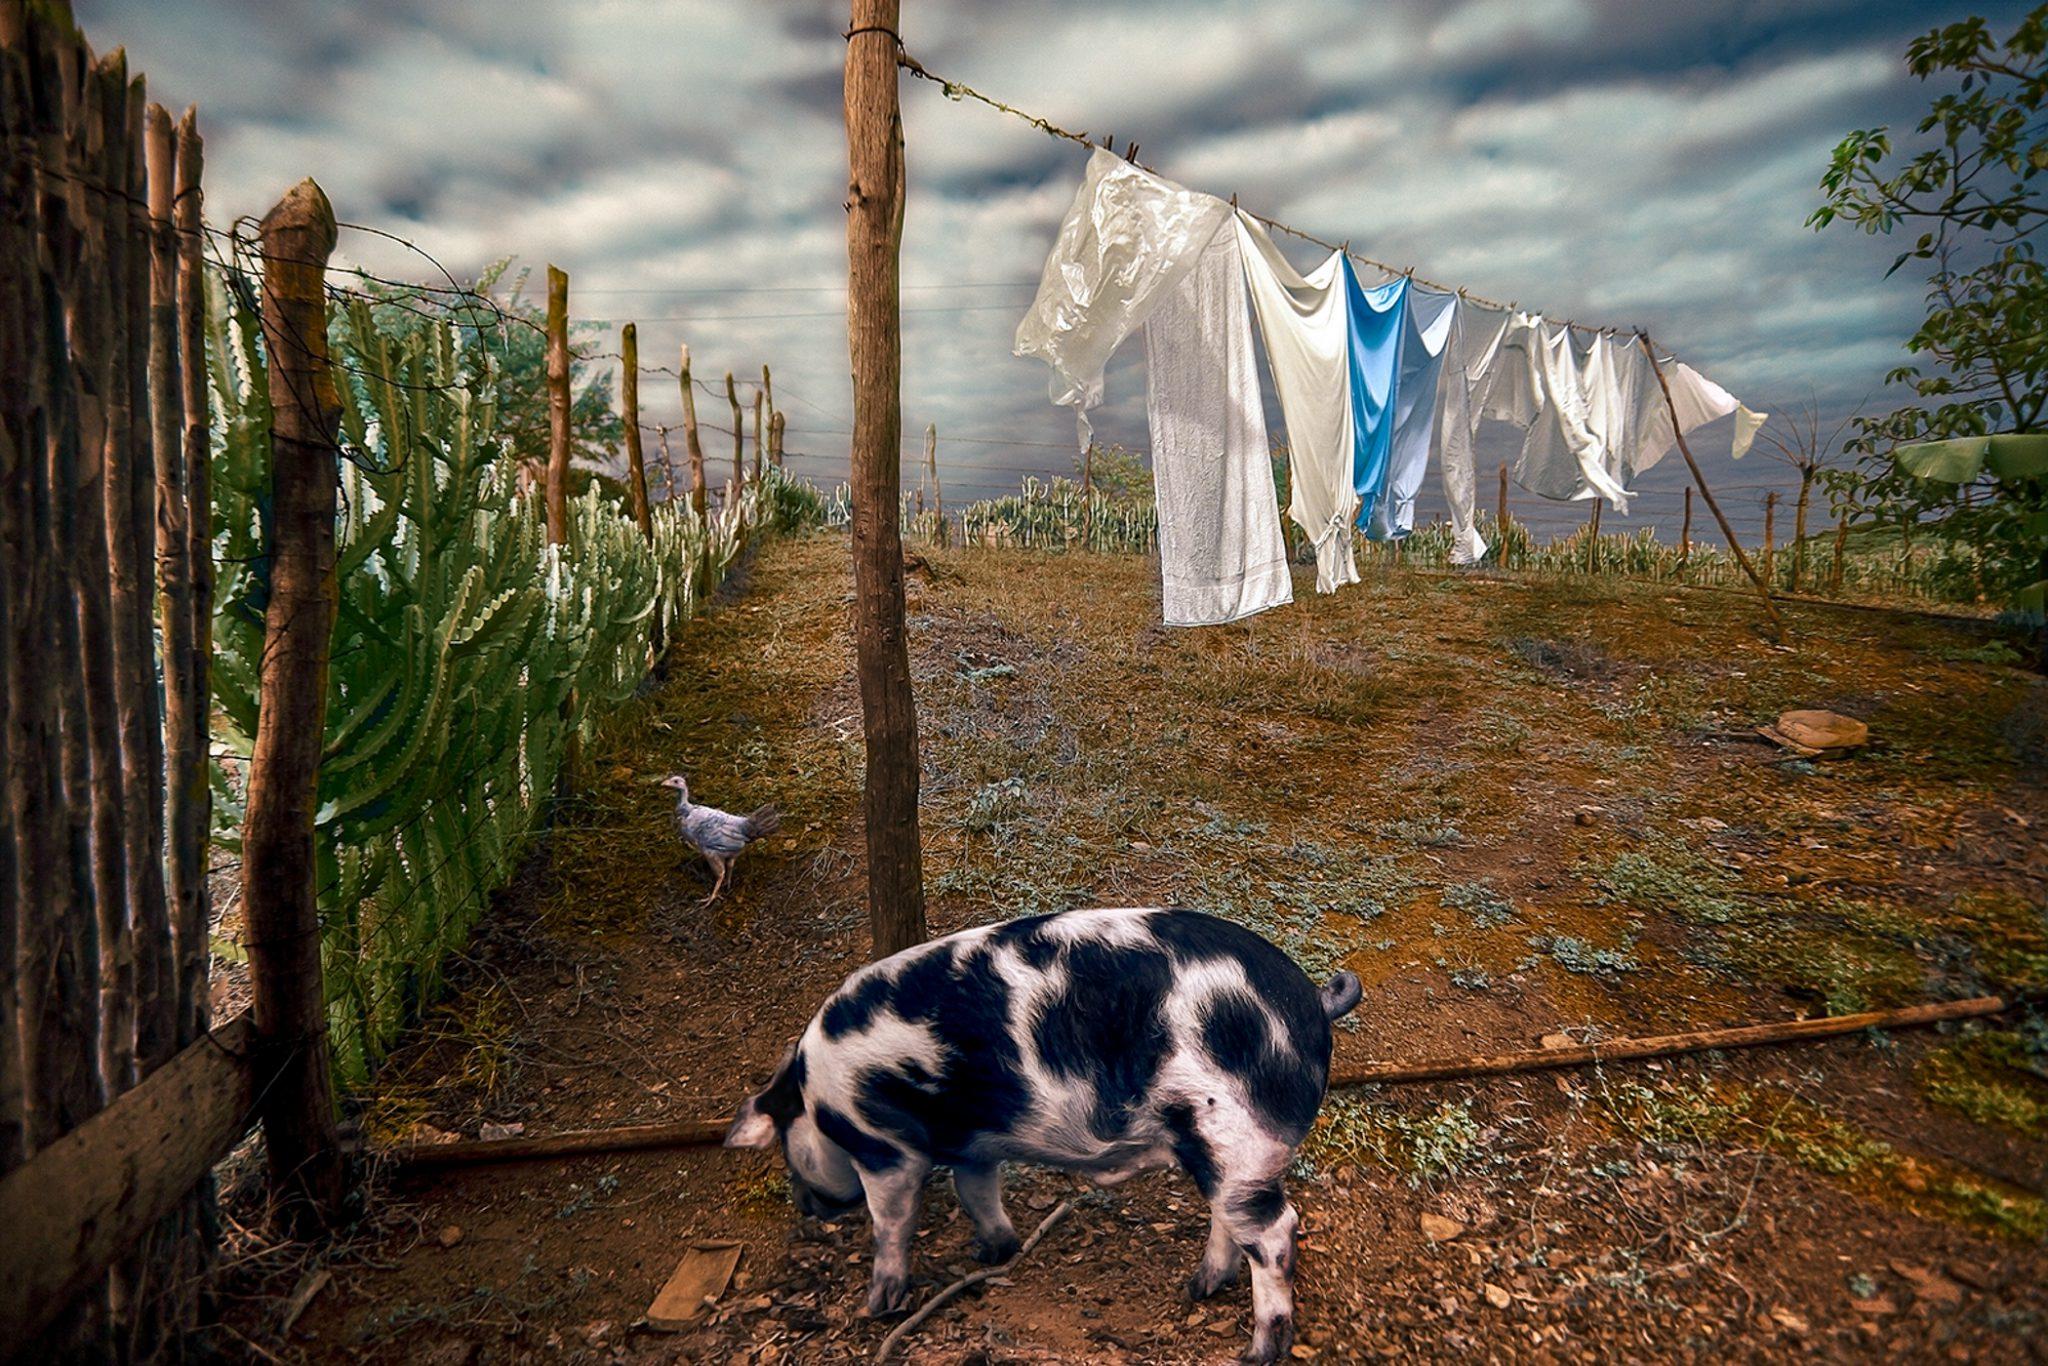 Pig and Clothesline  2/15 © EK Waller